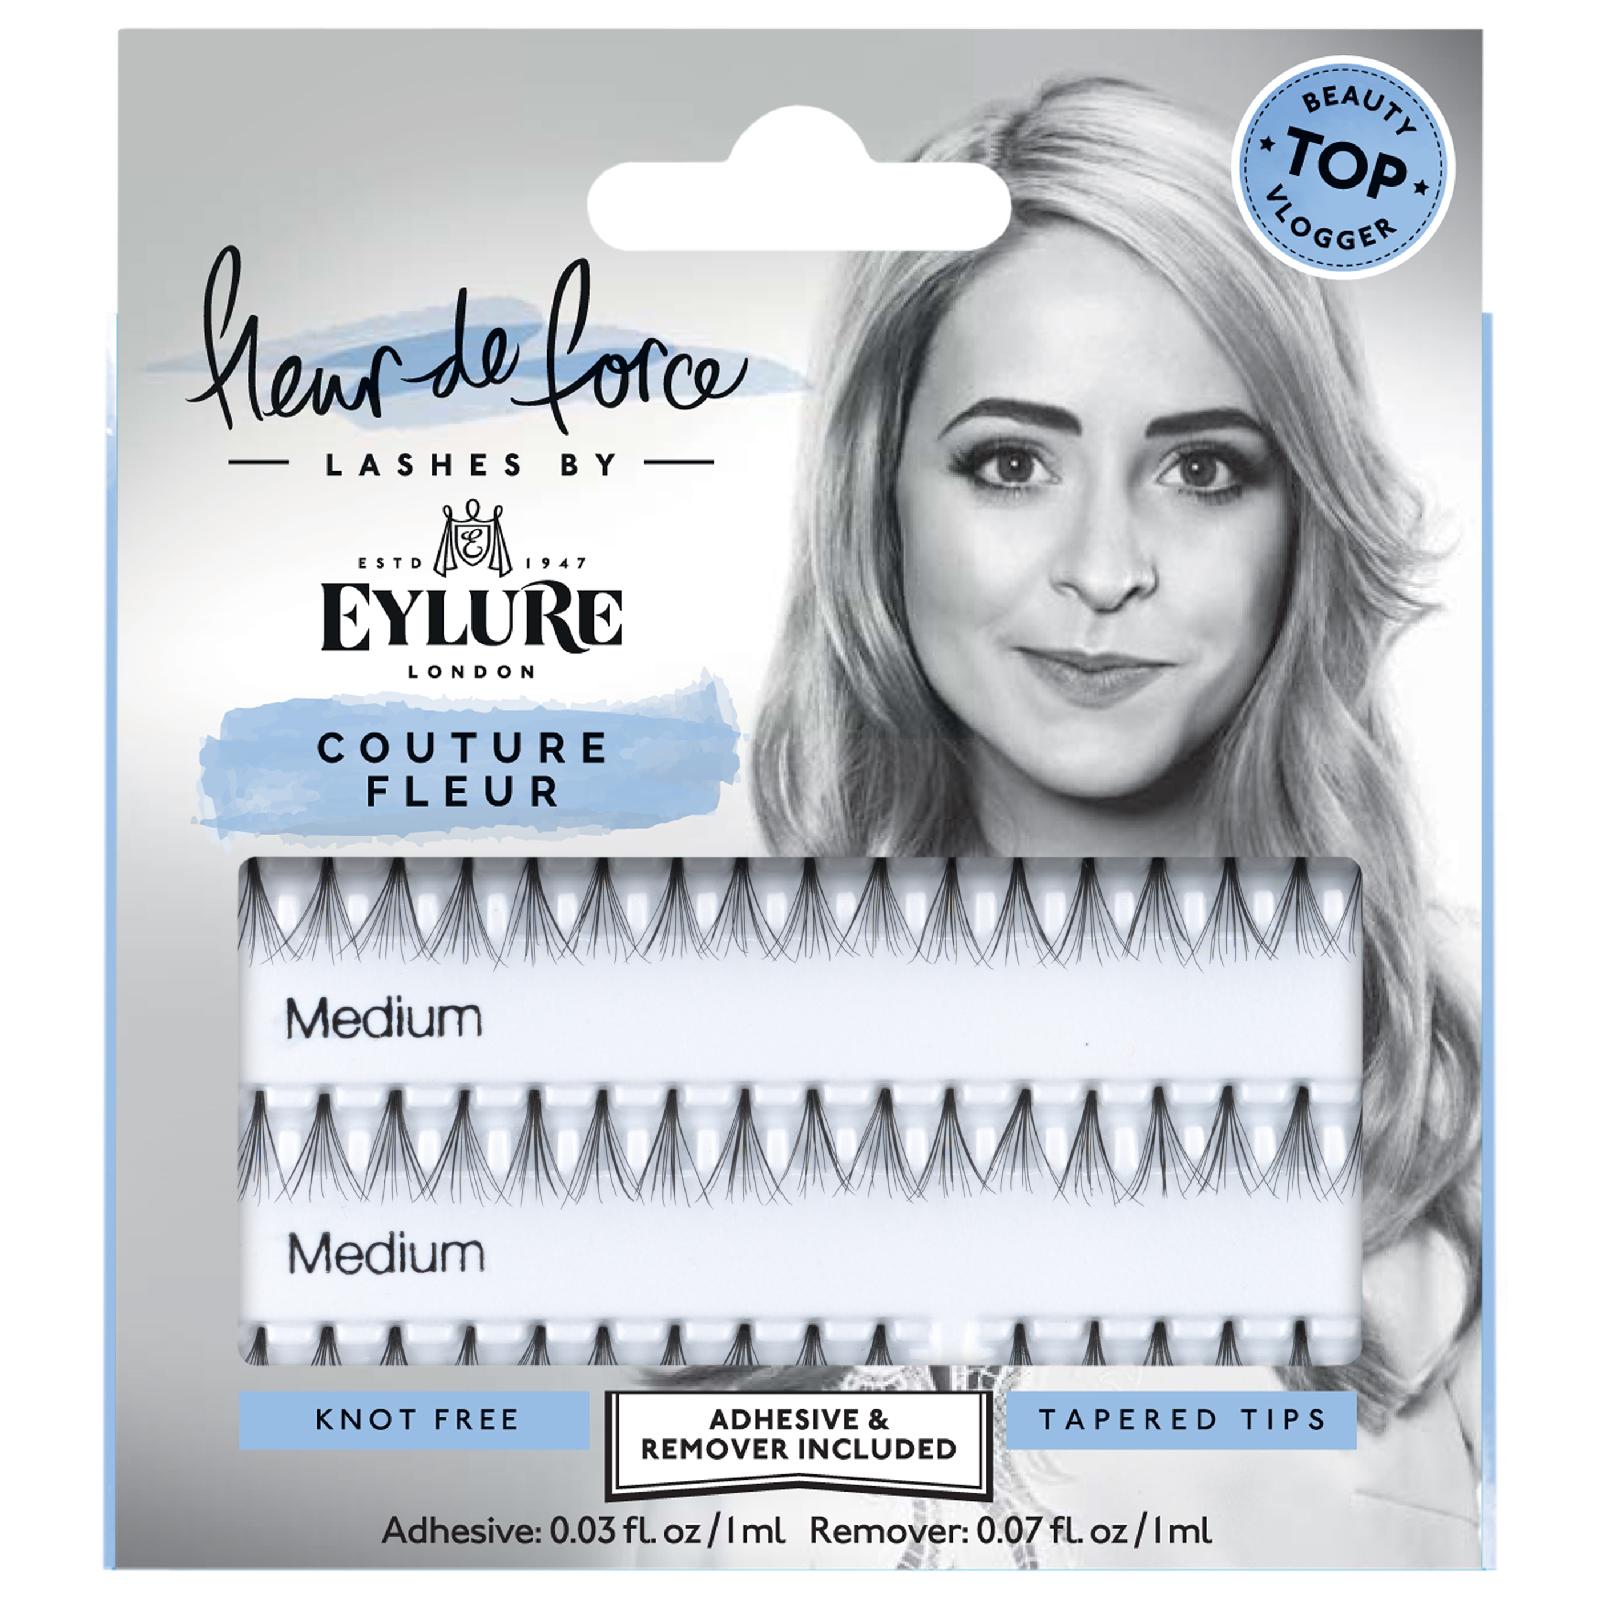 Купить Накладные ресницы Fleur de Force By Eylure Lashes - Couture Fleur (Individual Lashes)